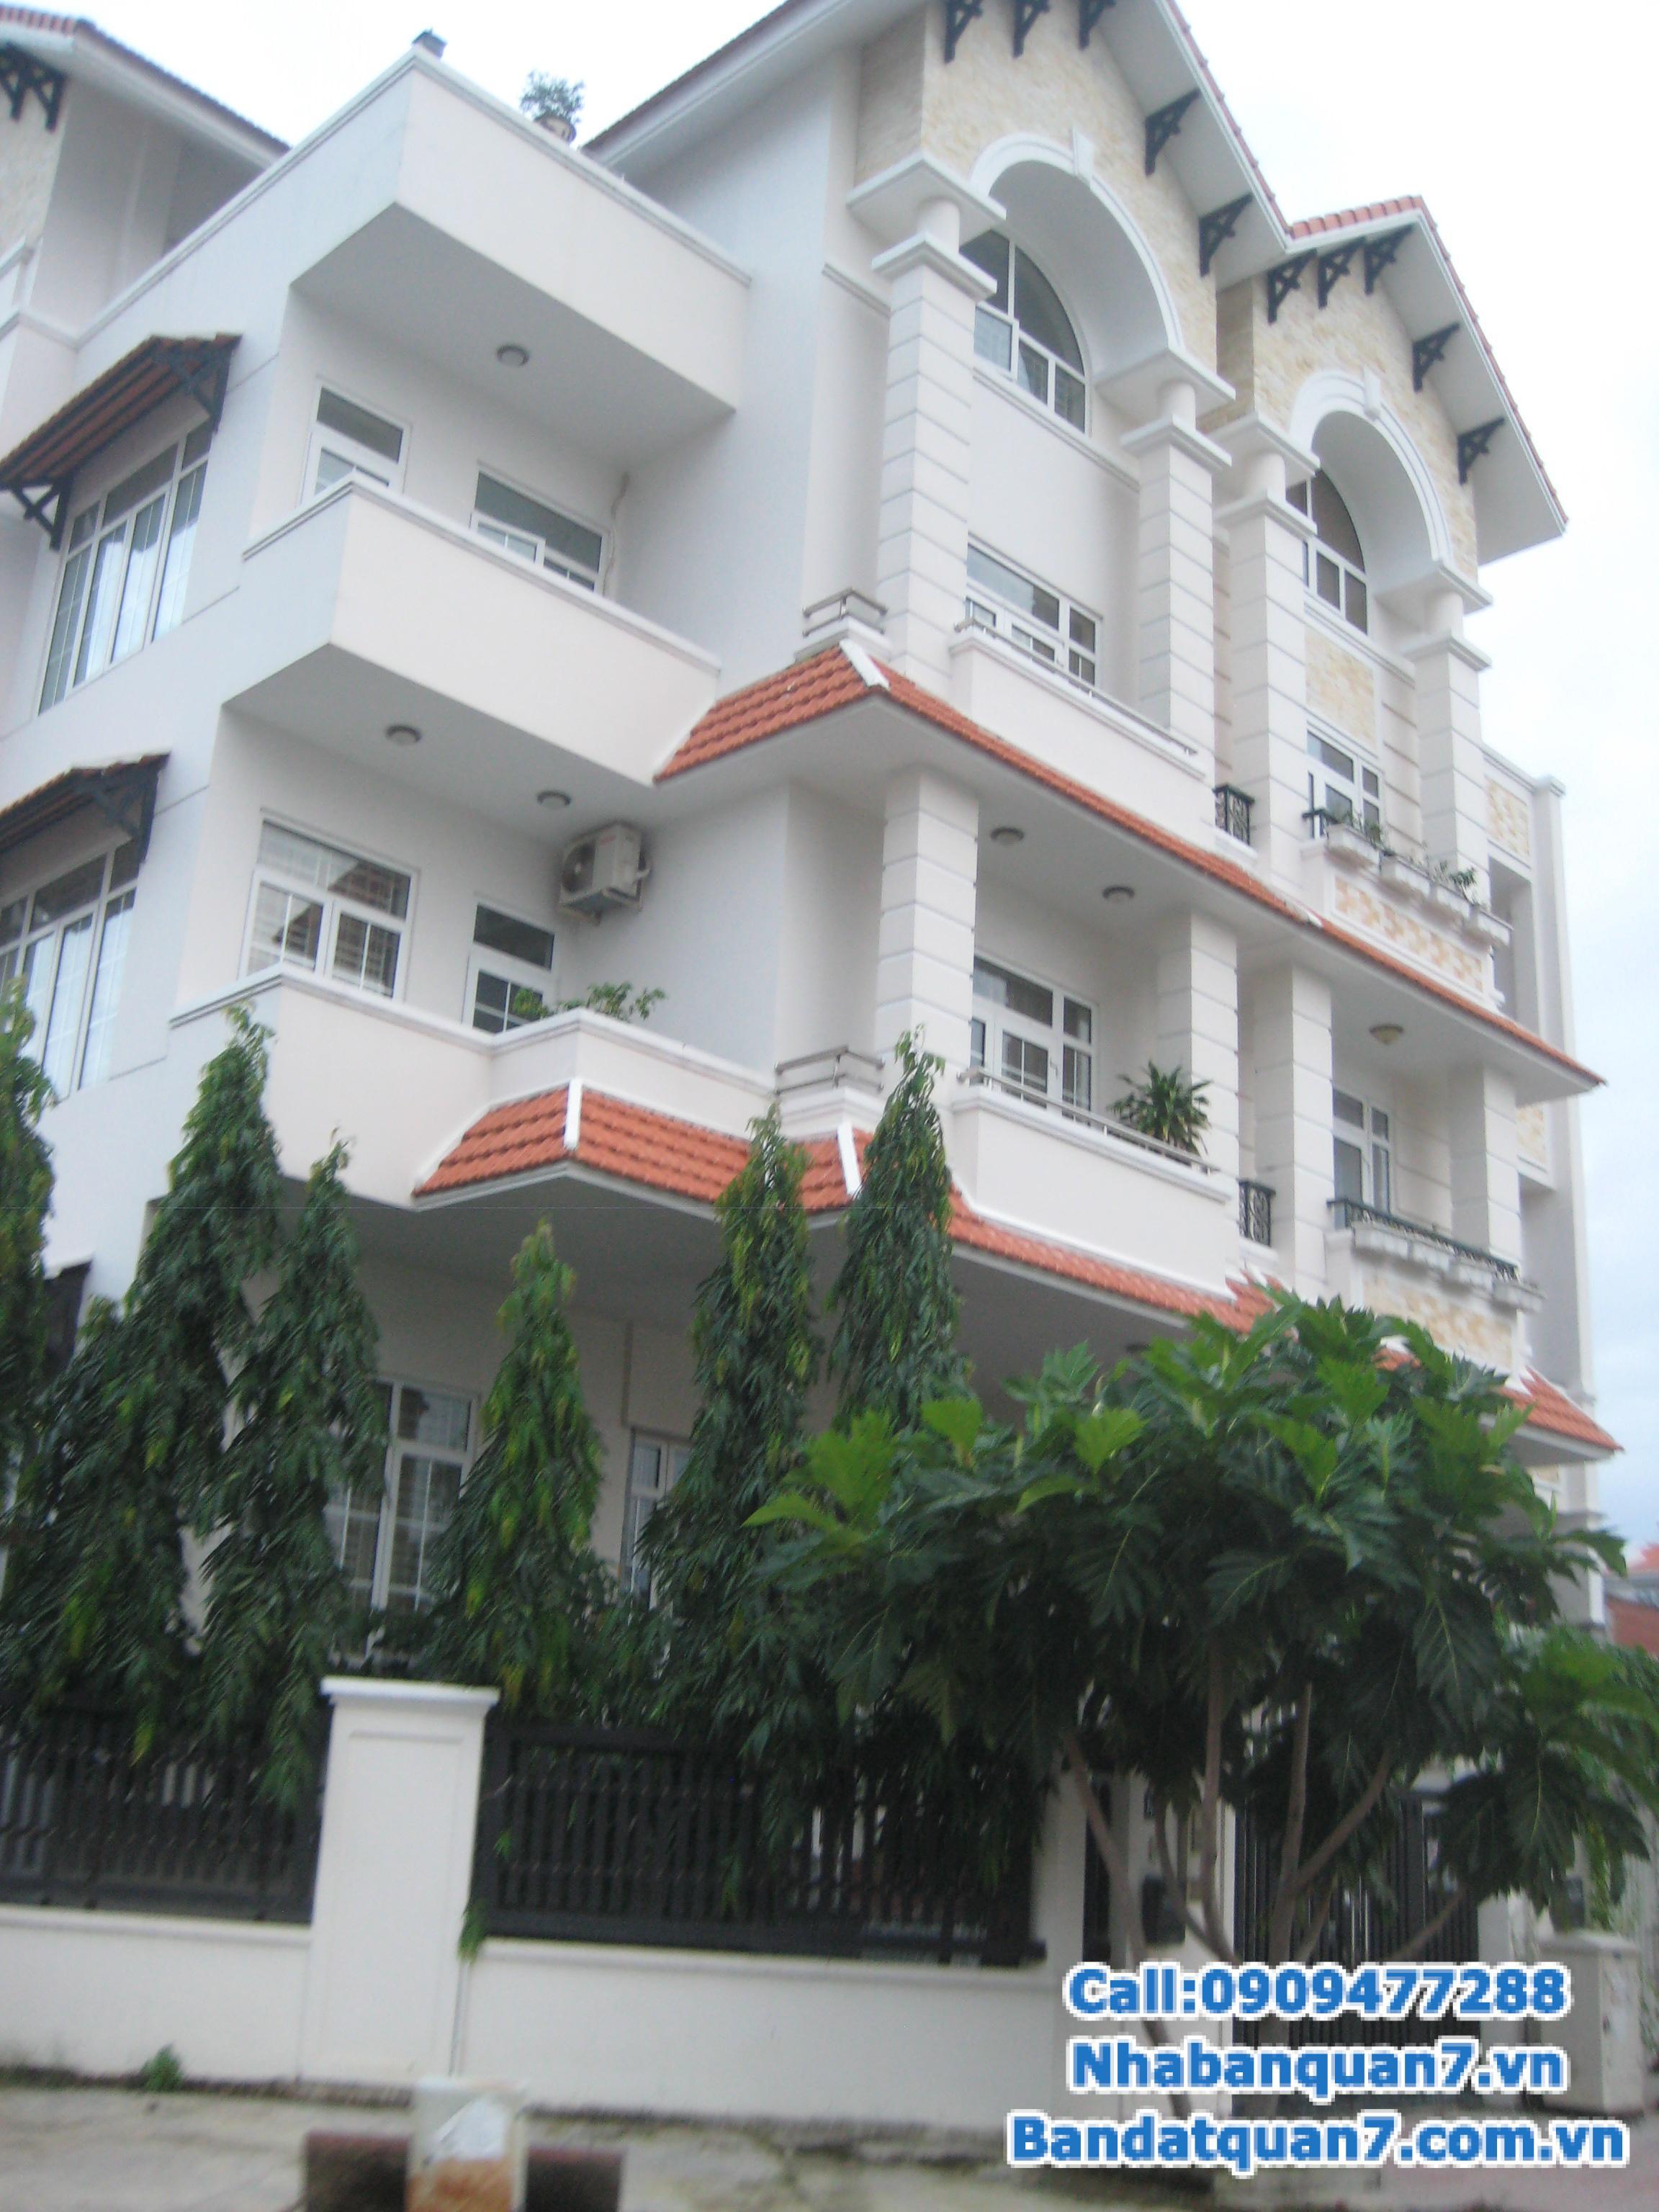 Cần bán biệt thự Him Lam, DT: 10 x 20m, hướng Bắc, đường 16m đi thẳng ra Nguyễn Hữu Thọ, nhà gồm 1 hầm xe hơi, 1 trệt, 2.5 lầu